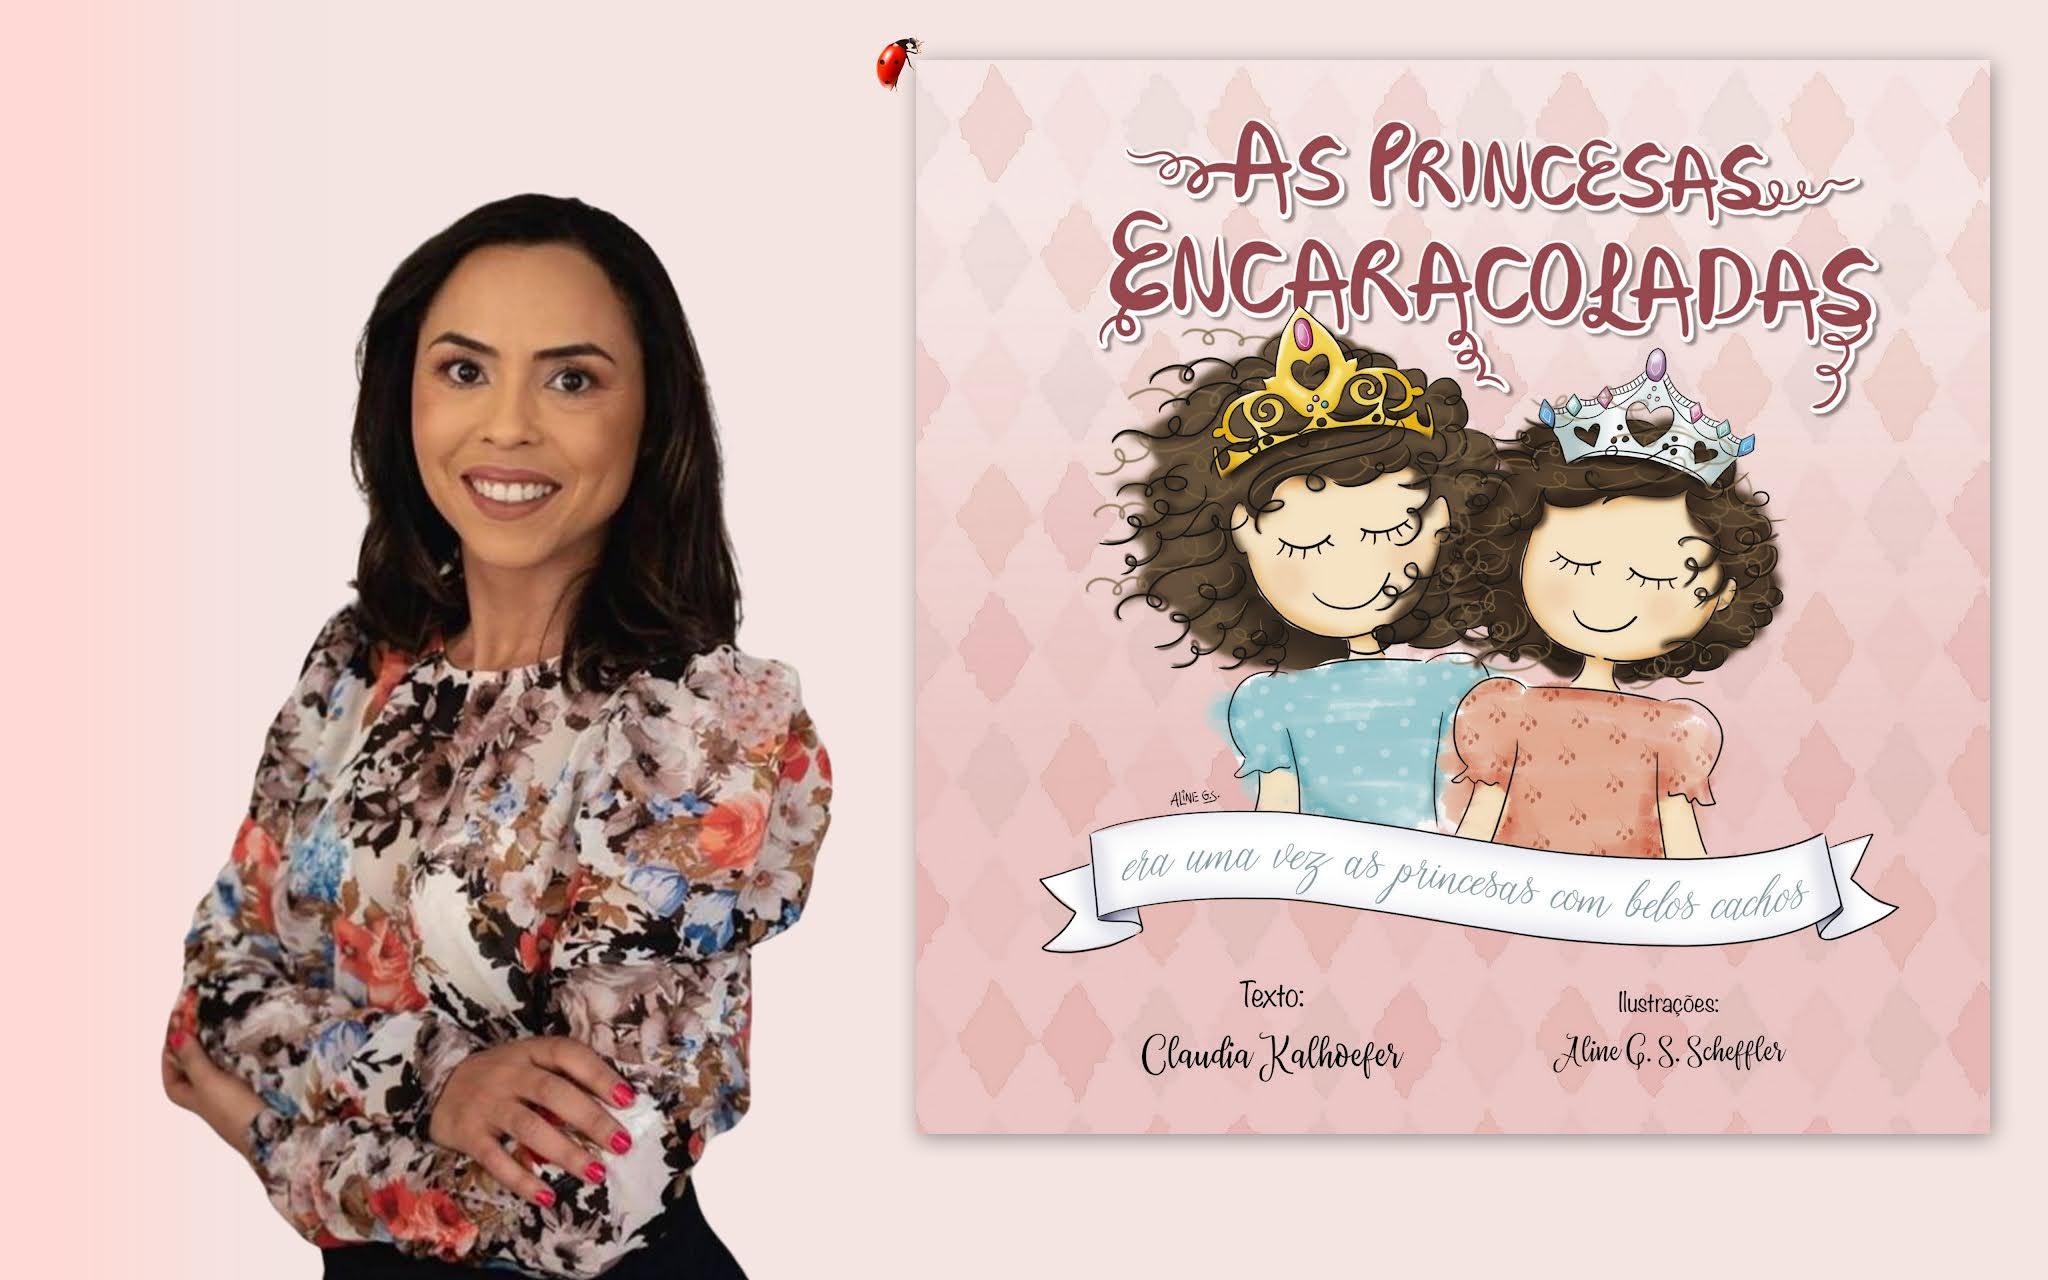 """Agatha, de seis anos, e Alice, de quatro, são duas meninas que amam contos de princesas. Um dia, Agatha voltou da escola triste e pensativa. Lá, ela escutou que não poderia ser uma princesa, já que não tinha o cabelo liso e loiro. Esperta e curiosa, a pequena perguntou para a mãe: """"Por que ela tinha os cabelos cacheados e por que não poderia ser como as personagens dos contos?"""